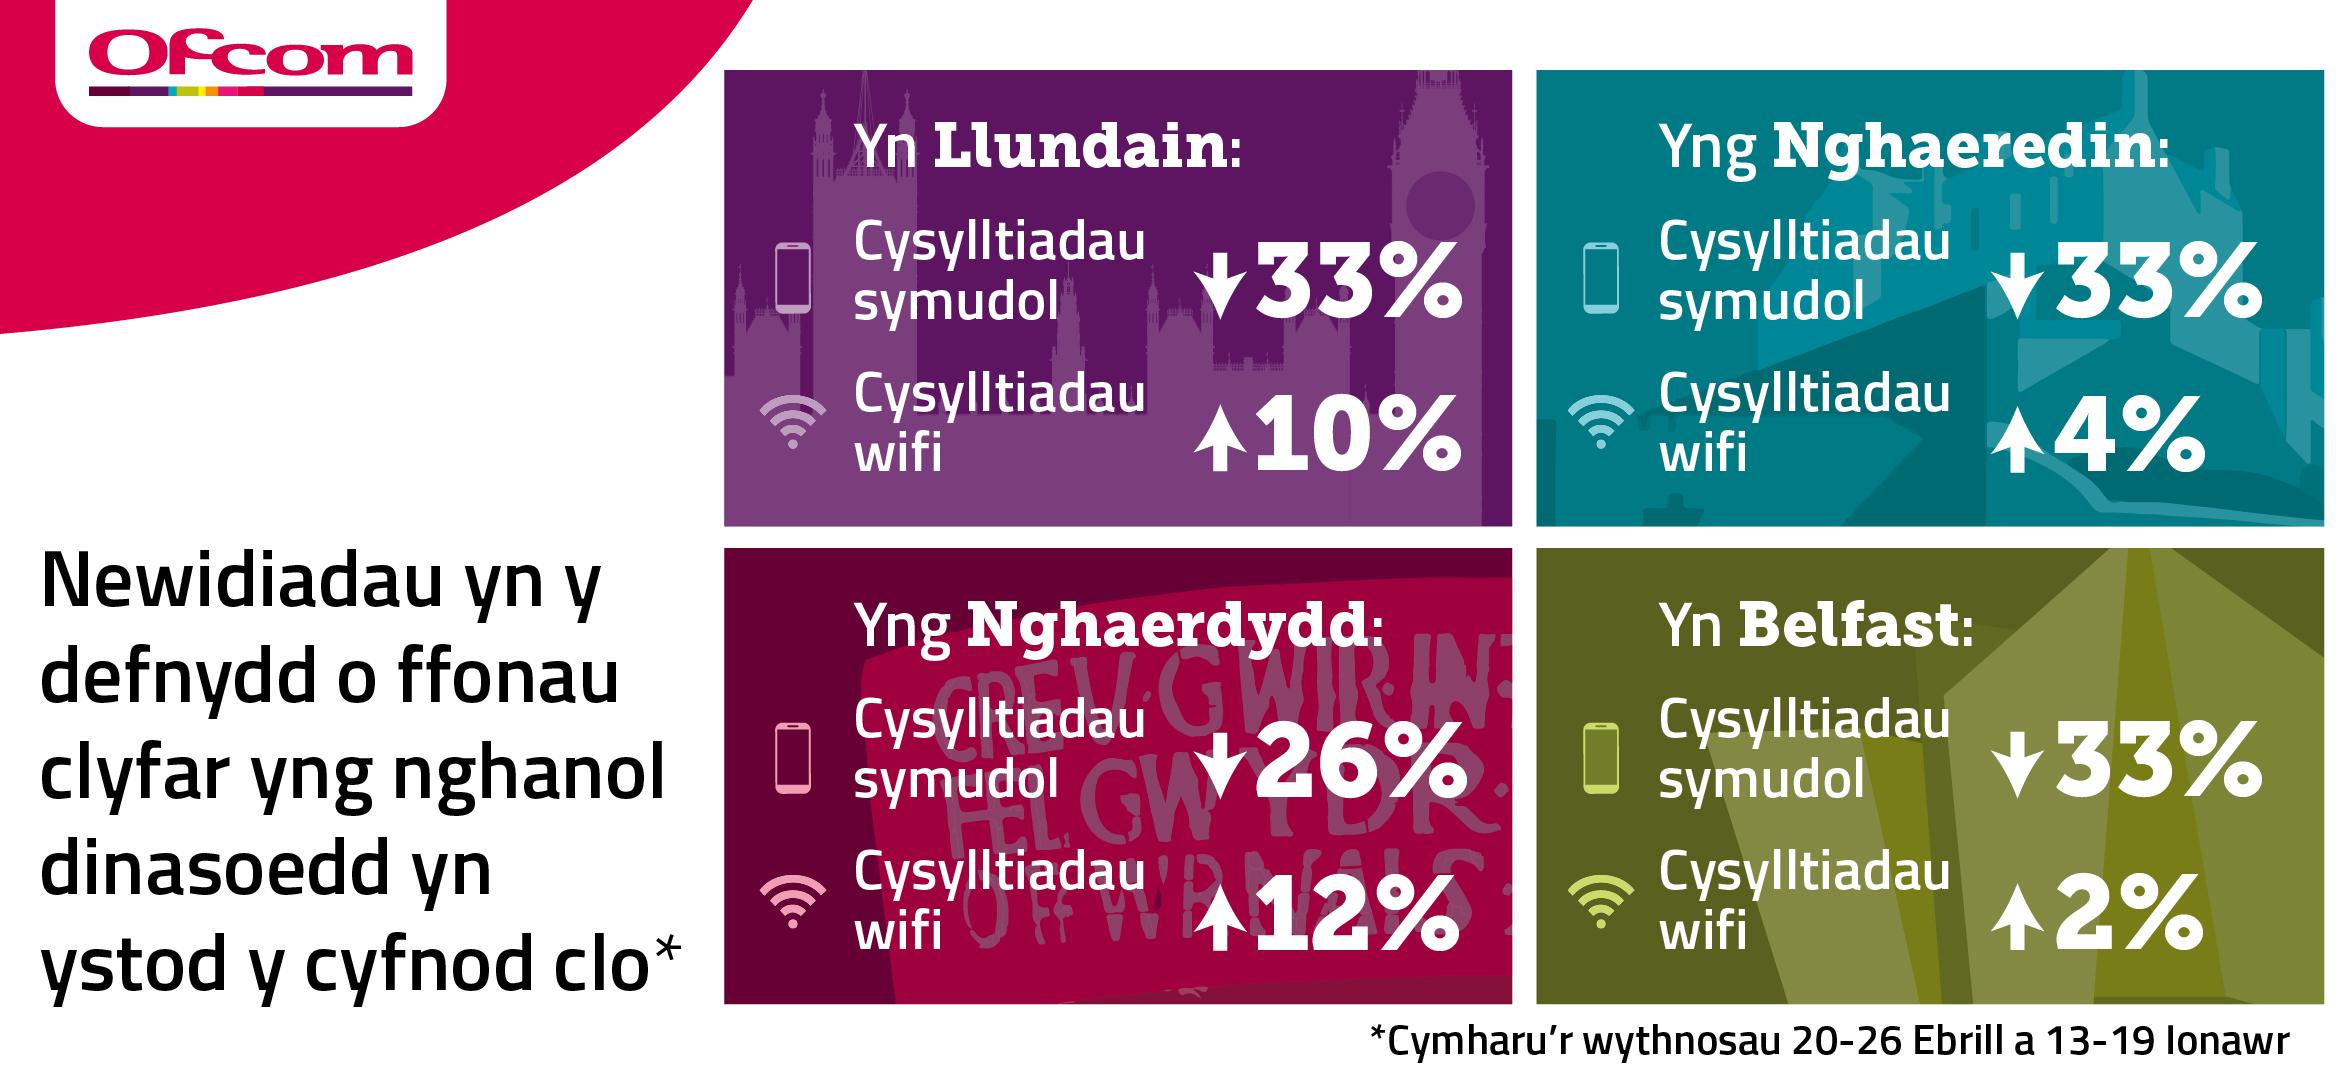 Darlun yn dangos newidiadau mewn cysylltiadau symudol a wifi ym mhrifddinasoedd y DU -roedd lefelau cysylltiadau symudol wedi gostwng 33% ymhob un o'r prifddinasoedd ag eithrio Caerdydd wnaeth ostwng 26%. Roedd cysylltiadau wifi wedi codi.